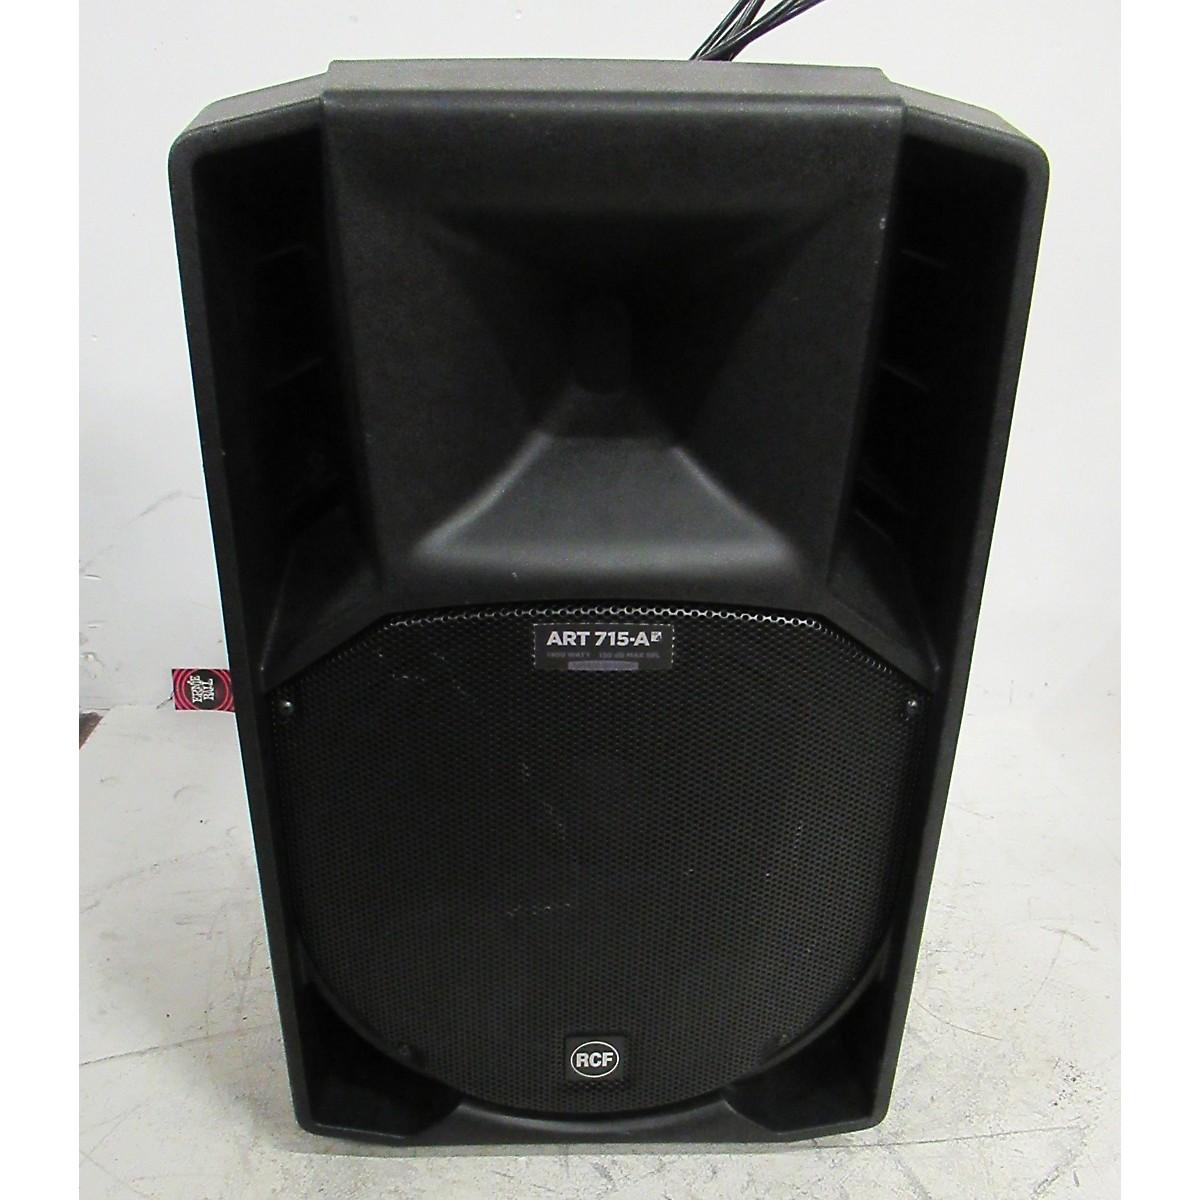 RCF ART 715-A Mk4 Powered Monitor